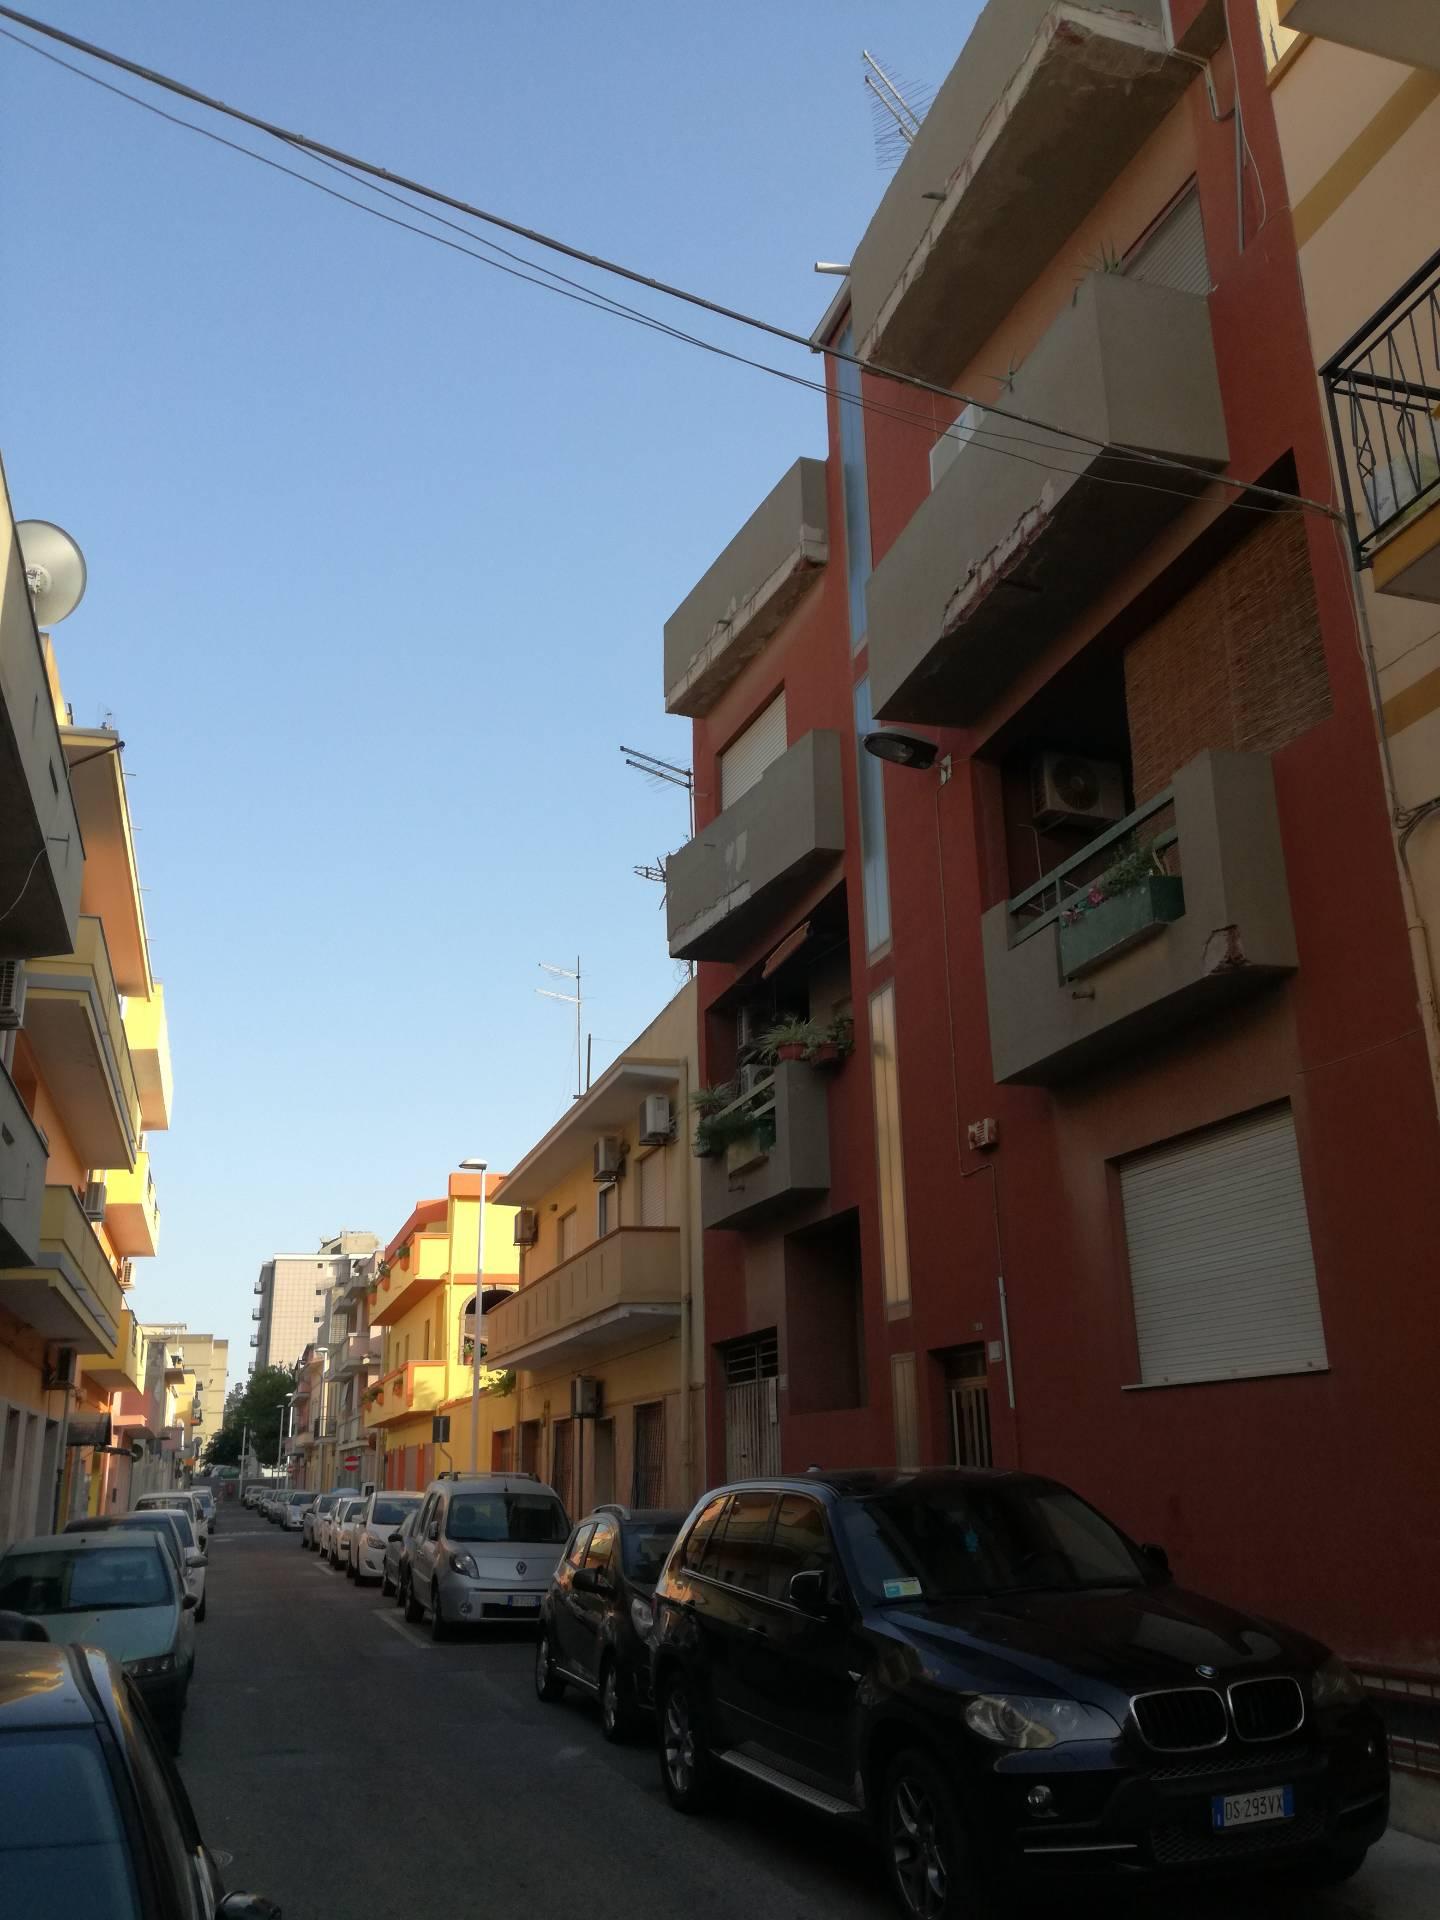 Appartamento in affitto a Quartu Sant'Elena, 1 locali, zona Località: VialeColombo, prezzo € 280 | CambioCasa.it